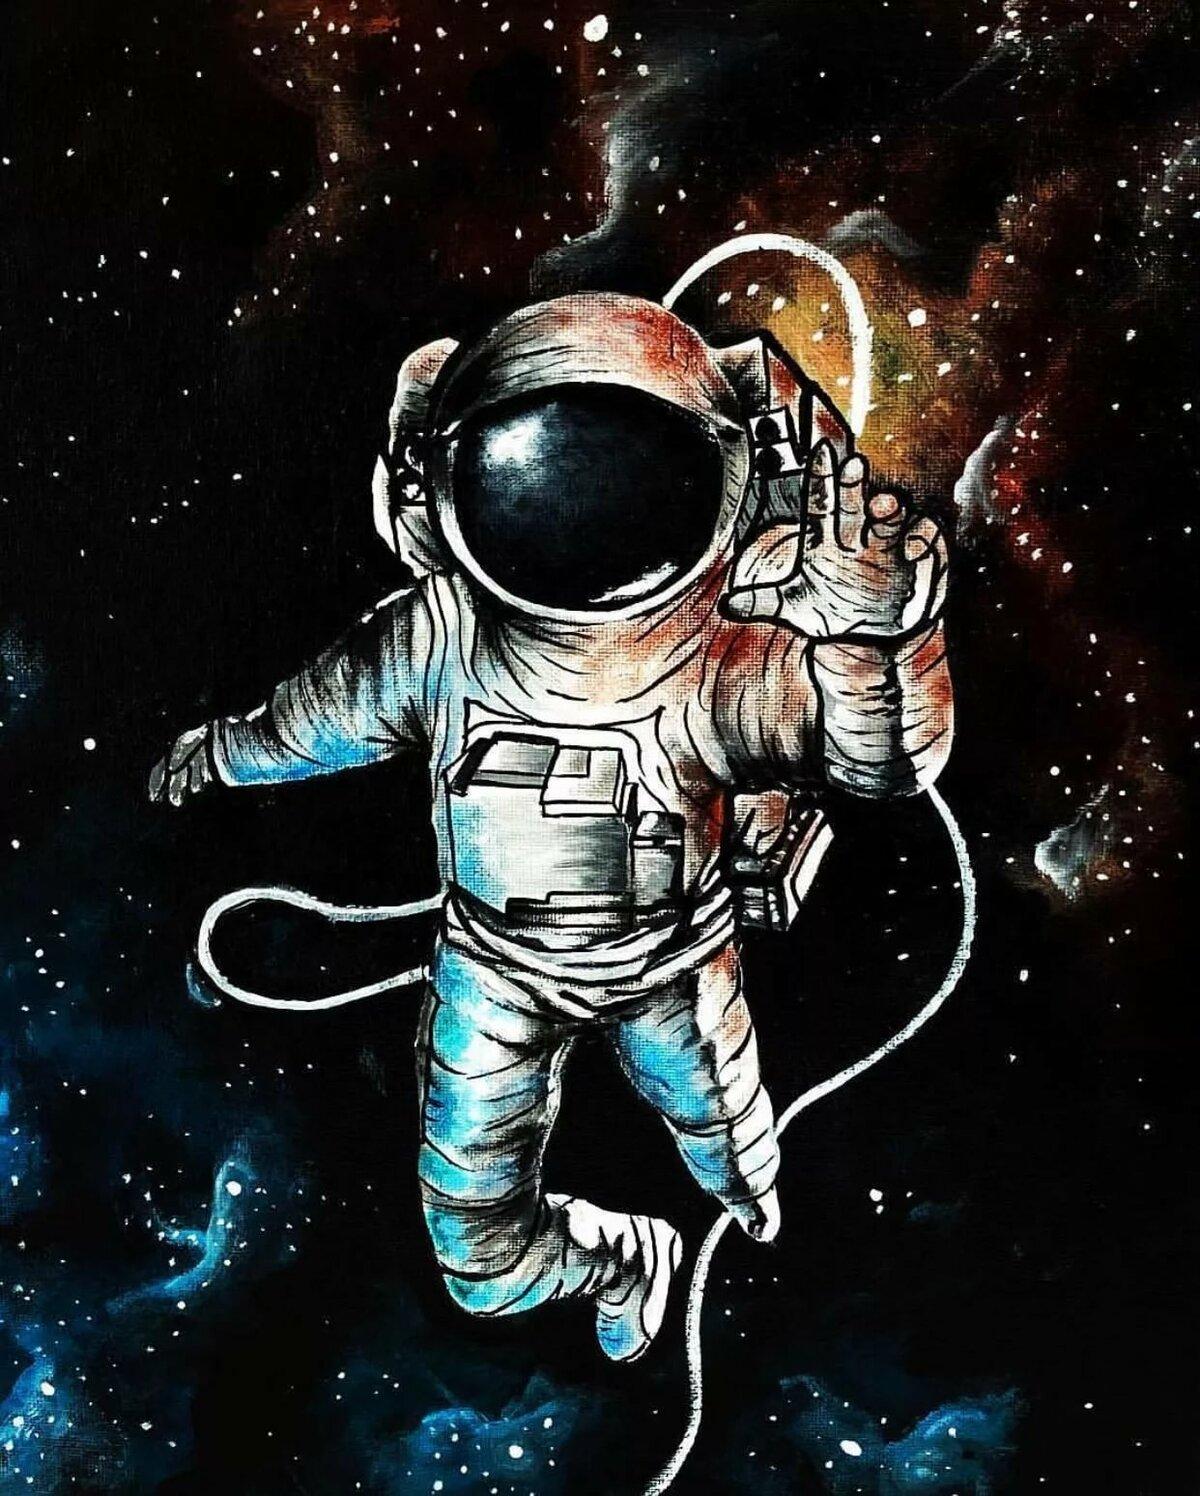 космос и космонавты арты участвую кастинге